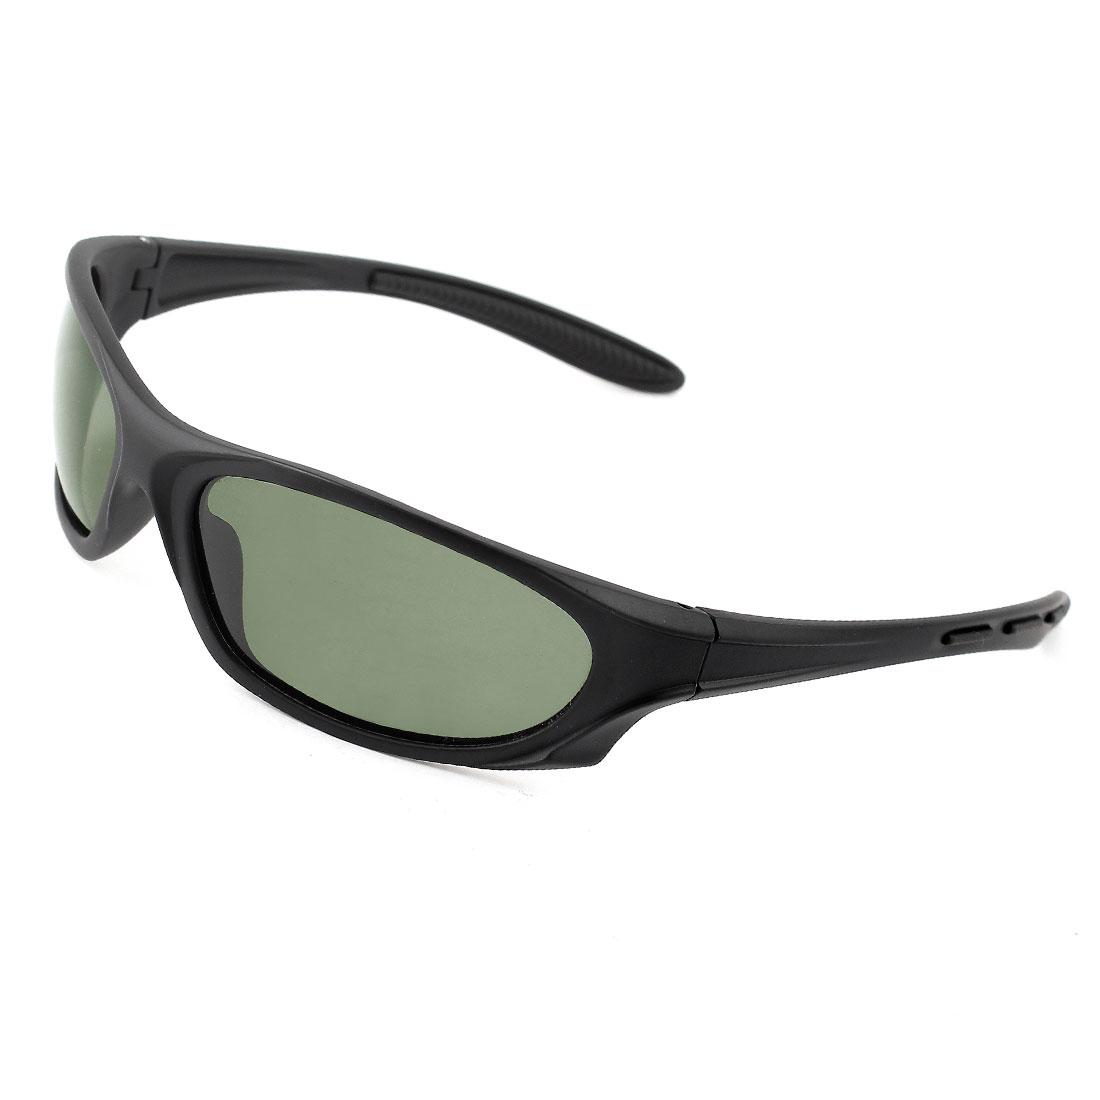 Fashionable Single Bridge Plastic Full Rim Frame Gray Green Lens Beach Traveling Shopping Polarized Sun Glasses Black for Man